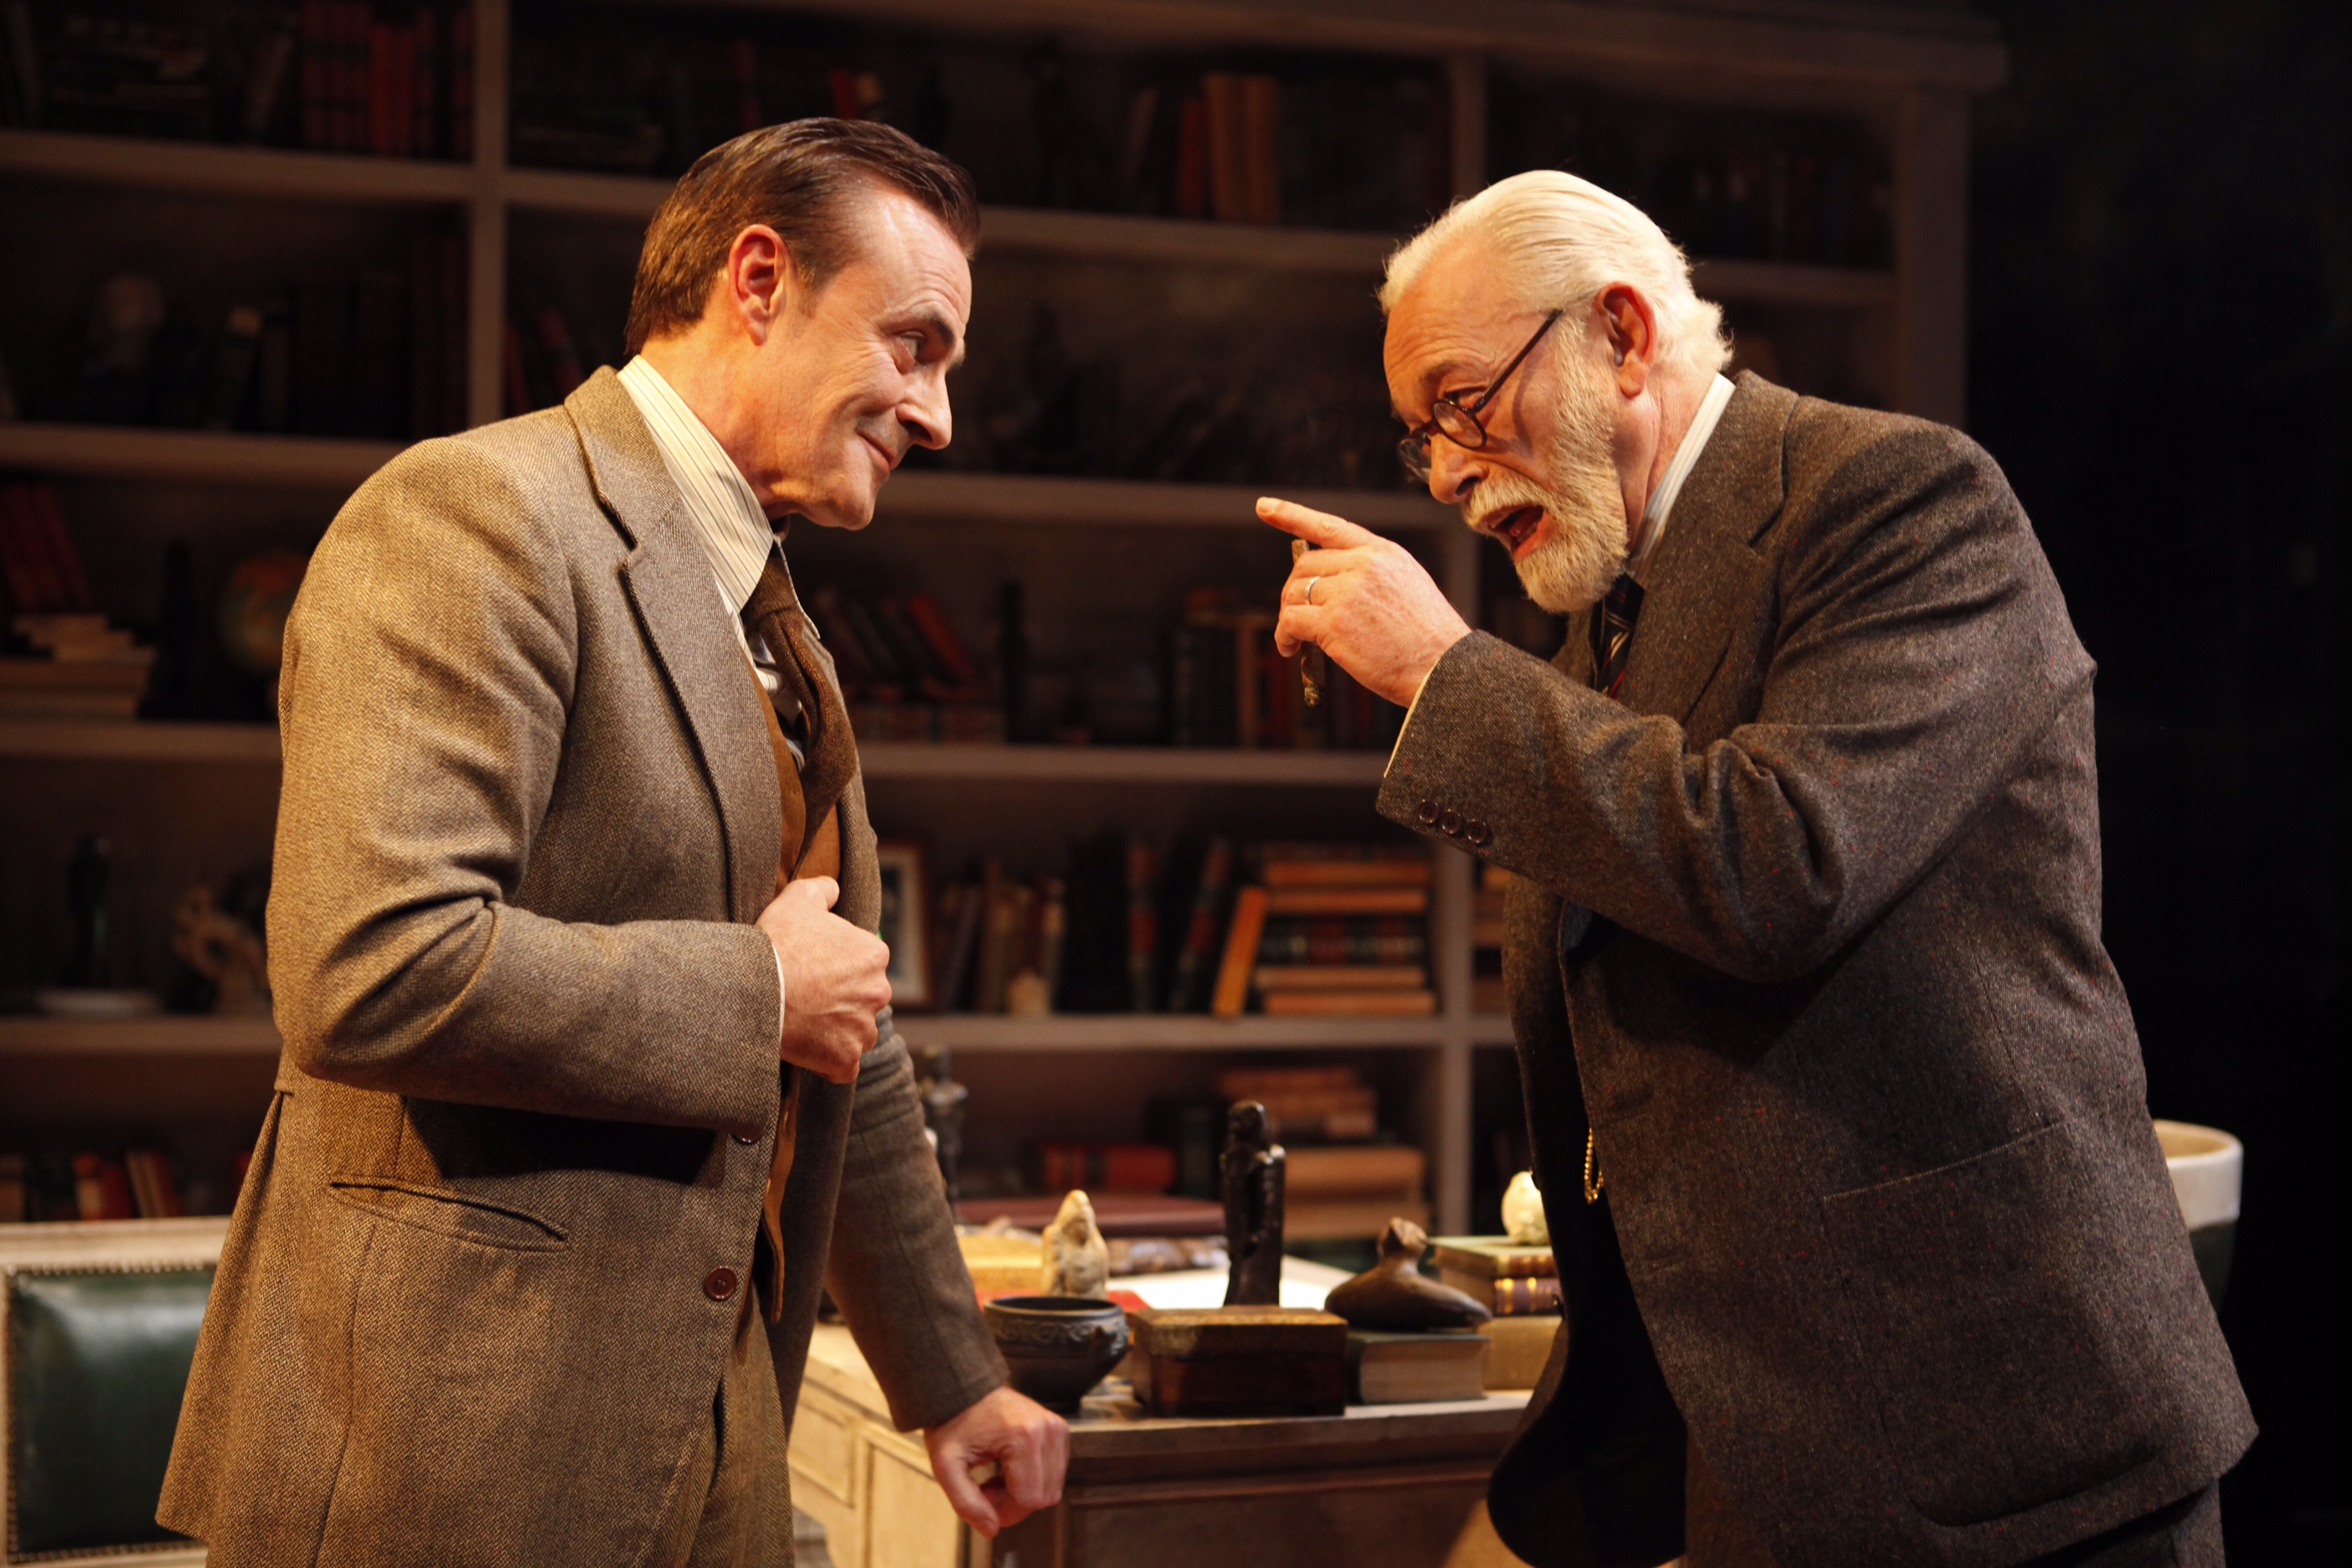 Una peculiar sesión de pscioanálisis con Freud